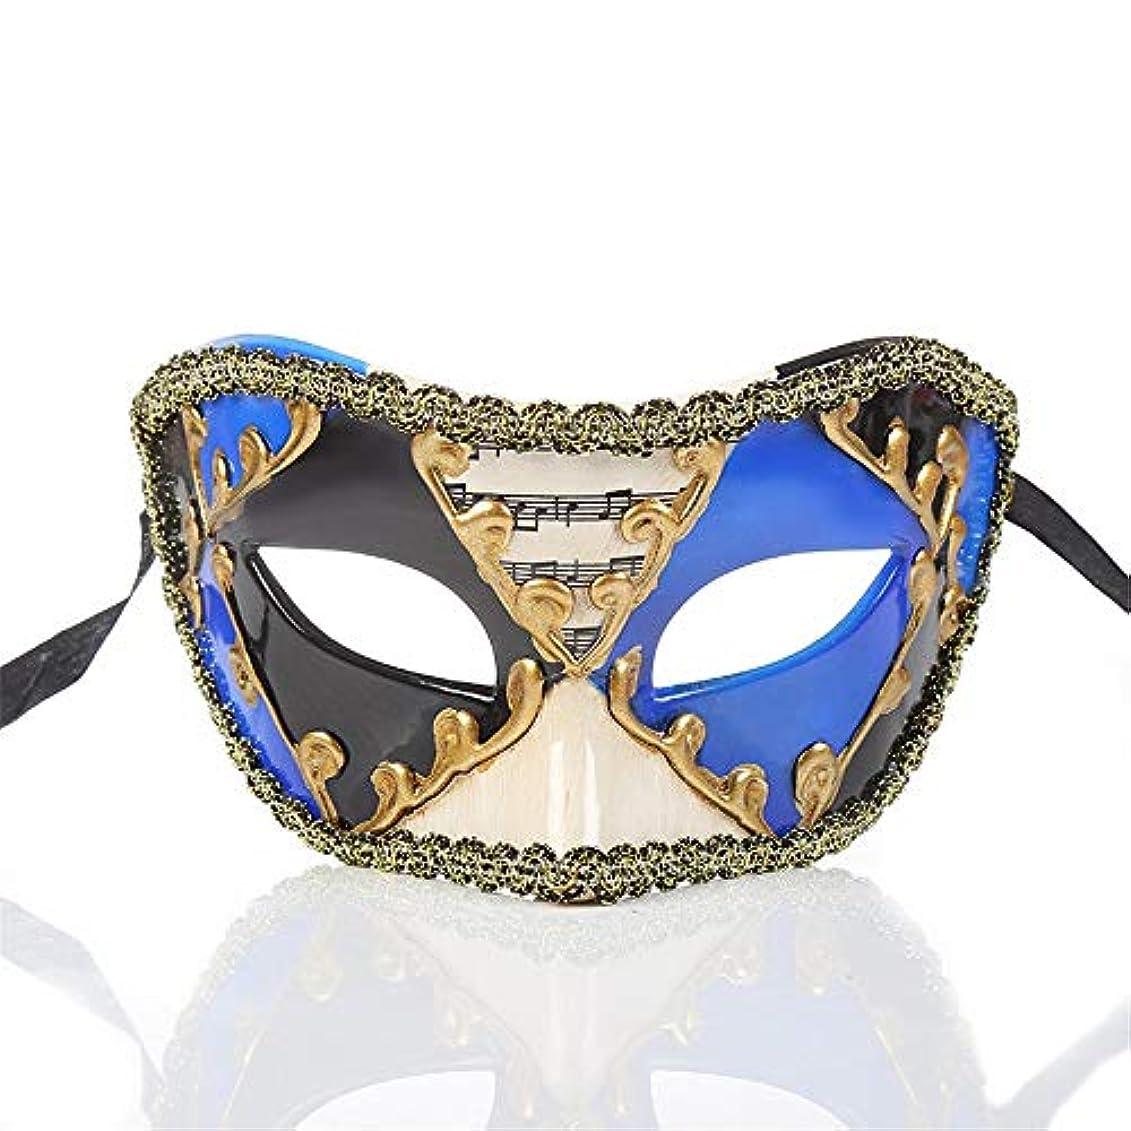 腐ったホバー良さダンスマスク ヴィンテージクラシックハーフフェイスクラウンミュージカルノート装飾マスクフェスティバルロールプレイングプラスチックマスク ホリデーパーティー用品 (色 : 青, サイズ : 16.5x8cm)